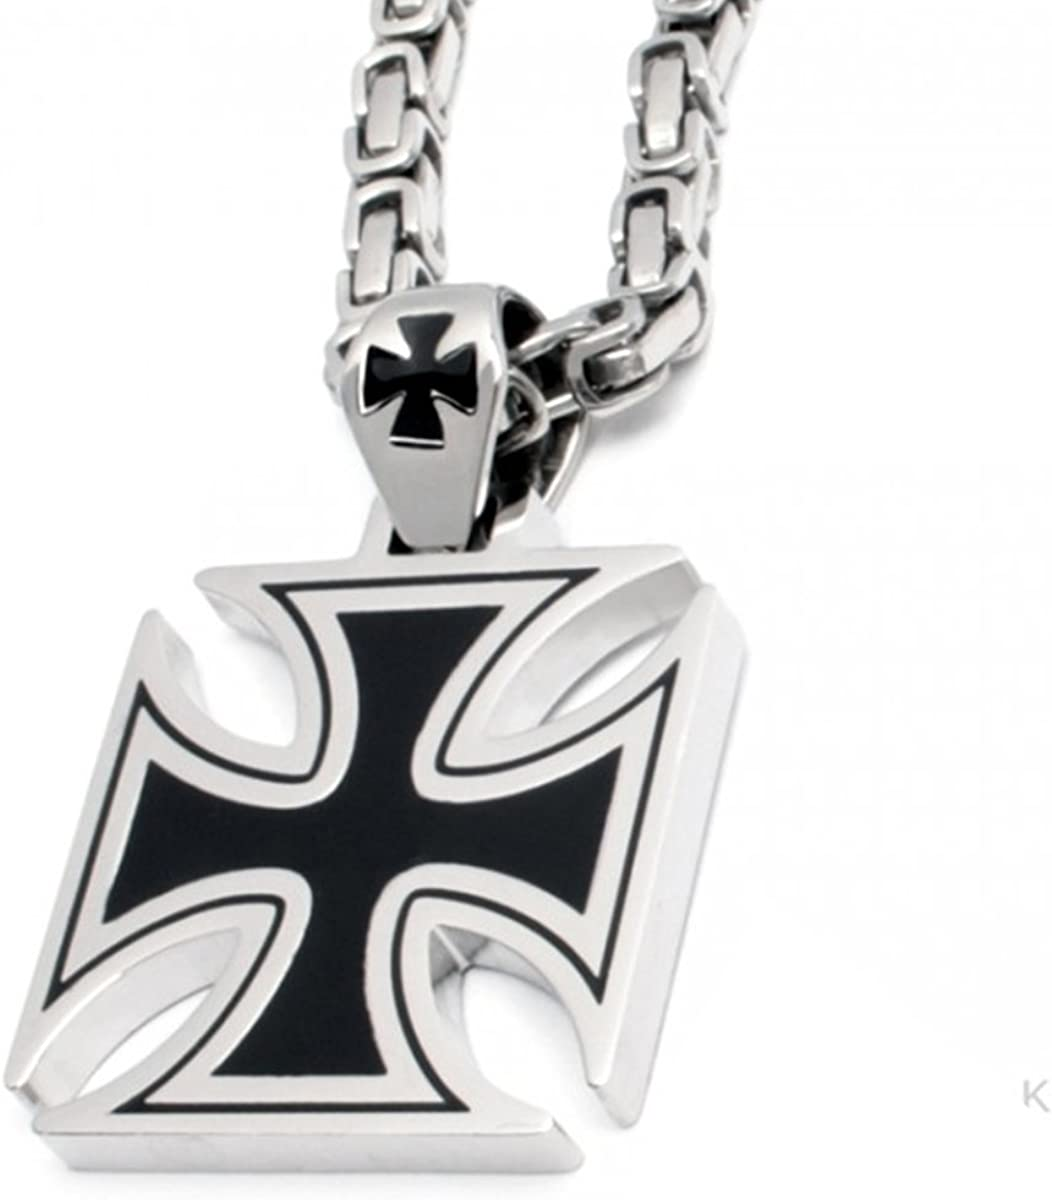 Joyas Colgante Cruz de Hierro Negro de acero inoxidable Ornamental con 60cm Cadena bizantina Ideal para hombre y mujer